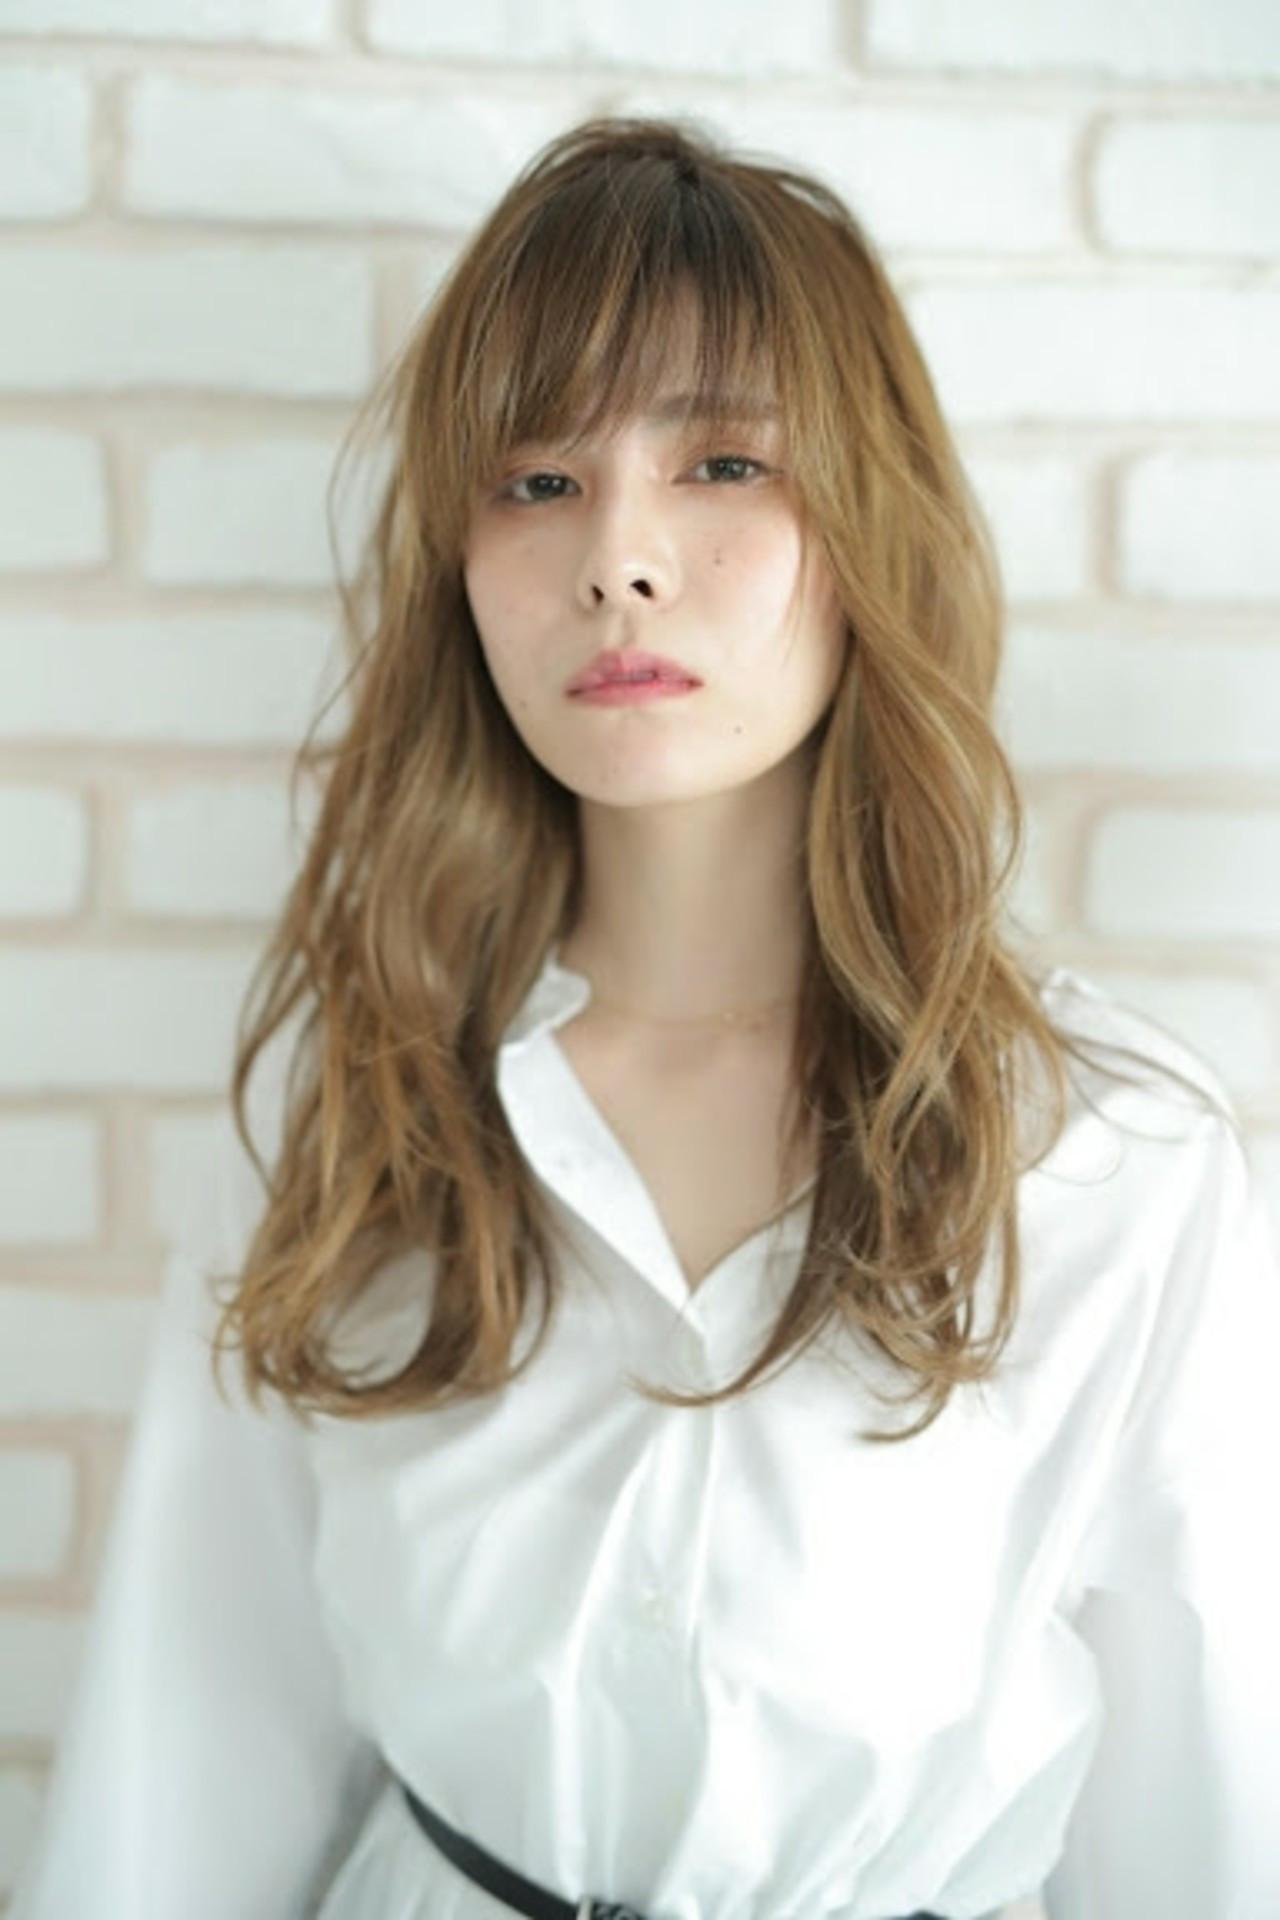 デジタルパーマ パーマ 外国人風 エレガント ヘアスタイルや髪型の写真・画像